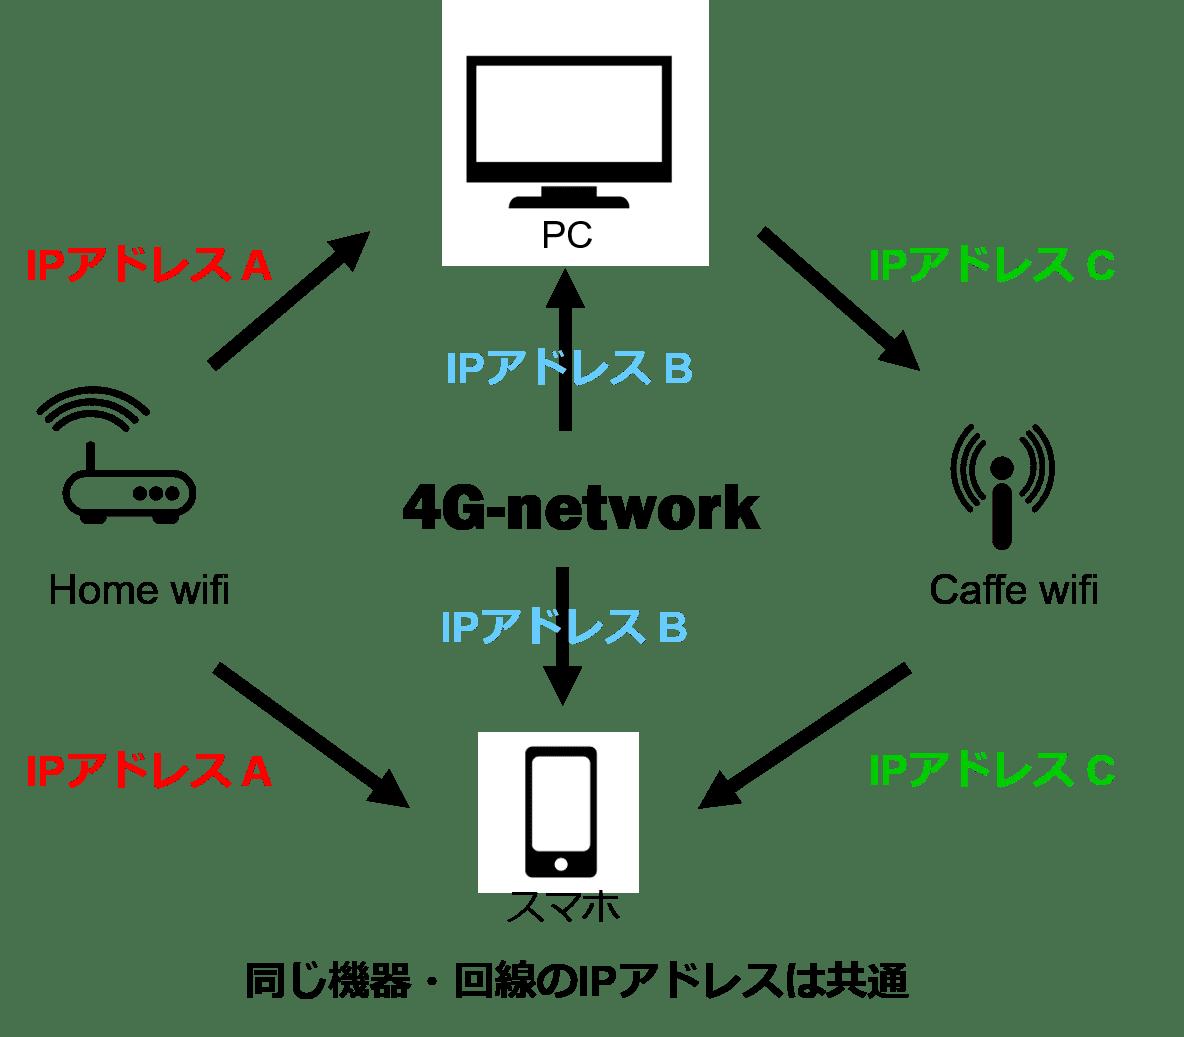 IPアドレスの説明画像